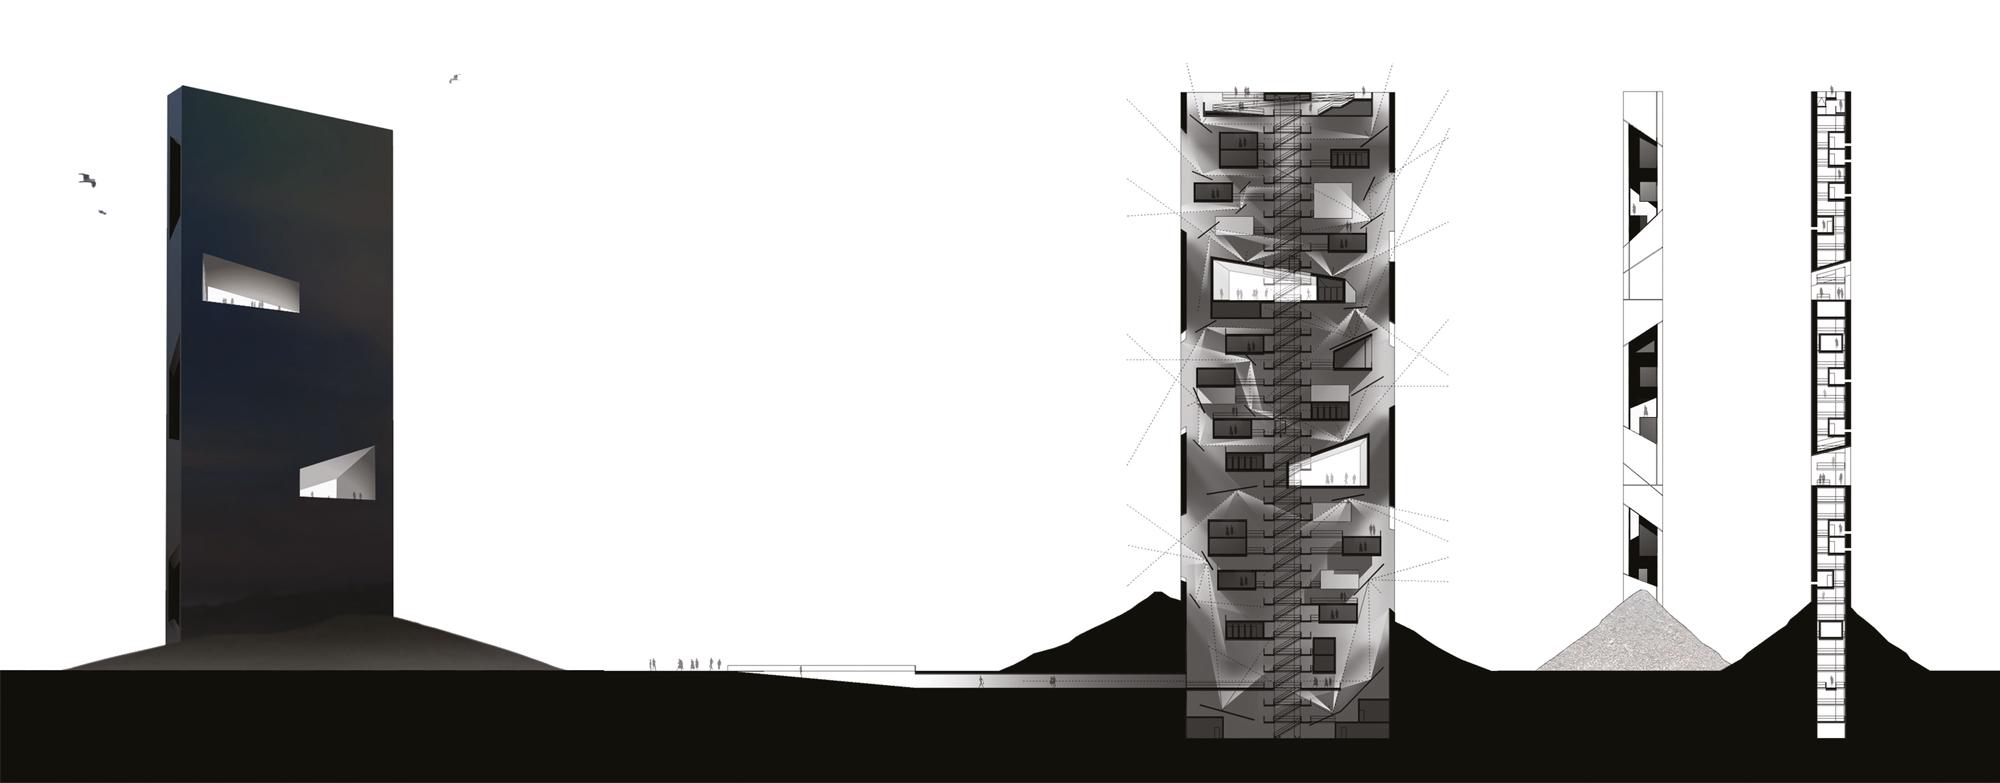 Nazca_03.jpg